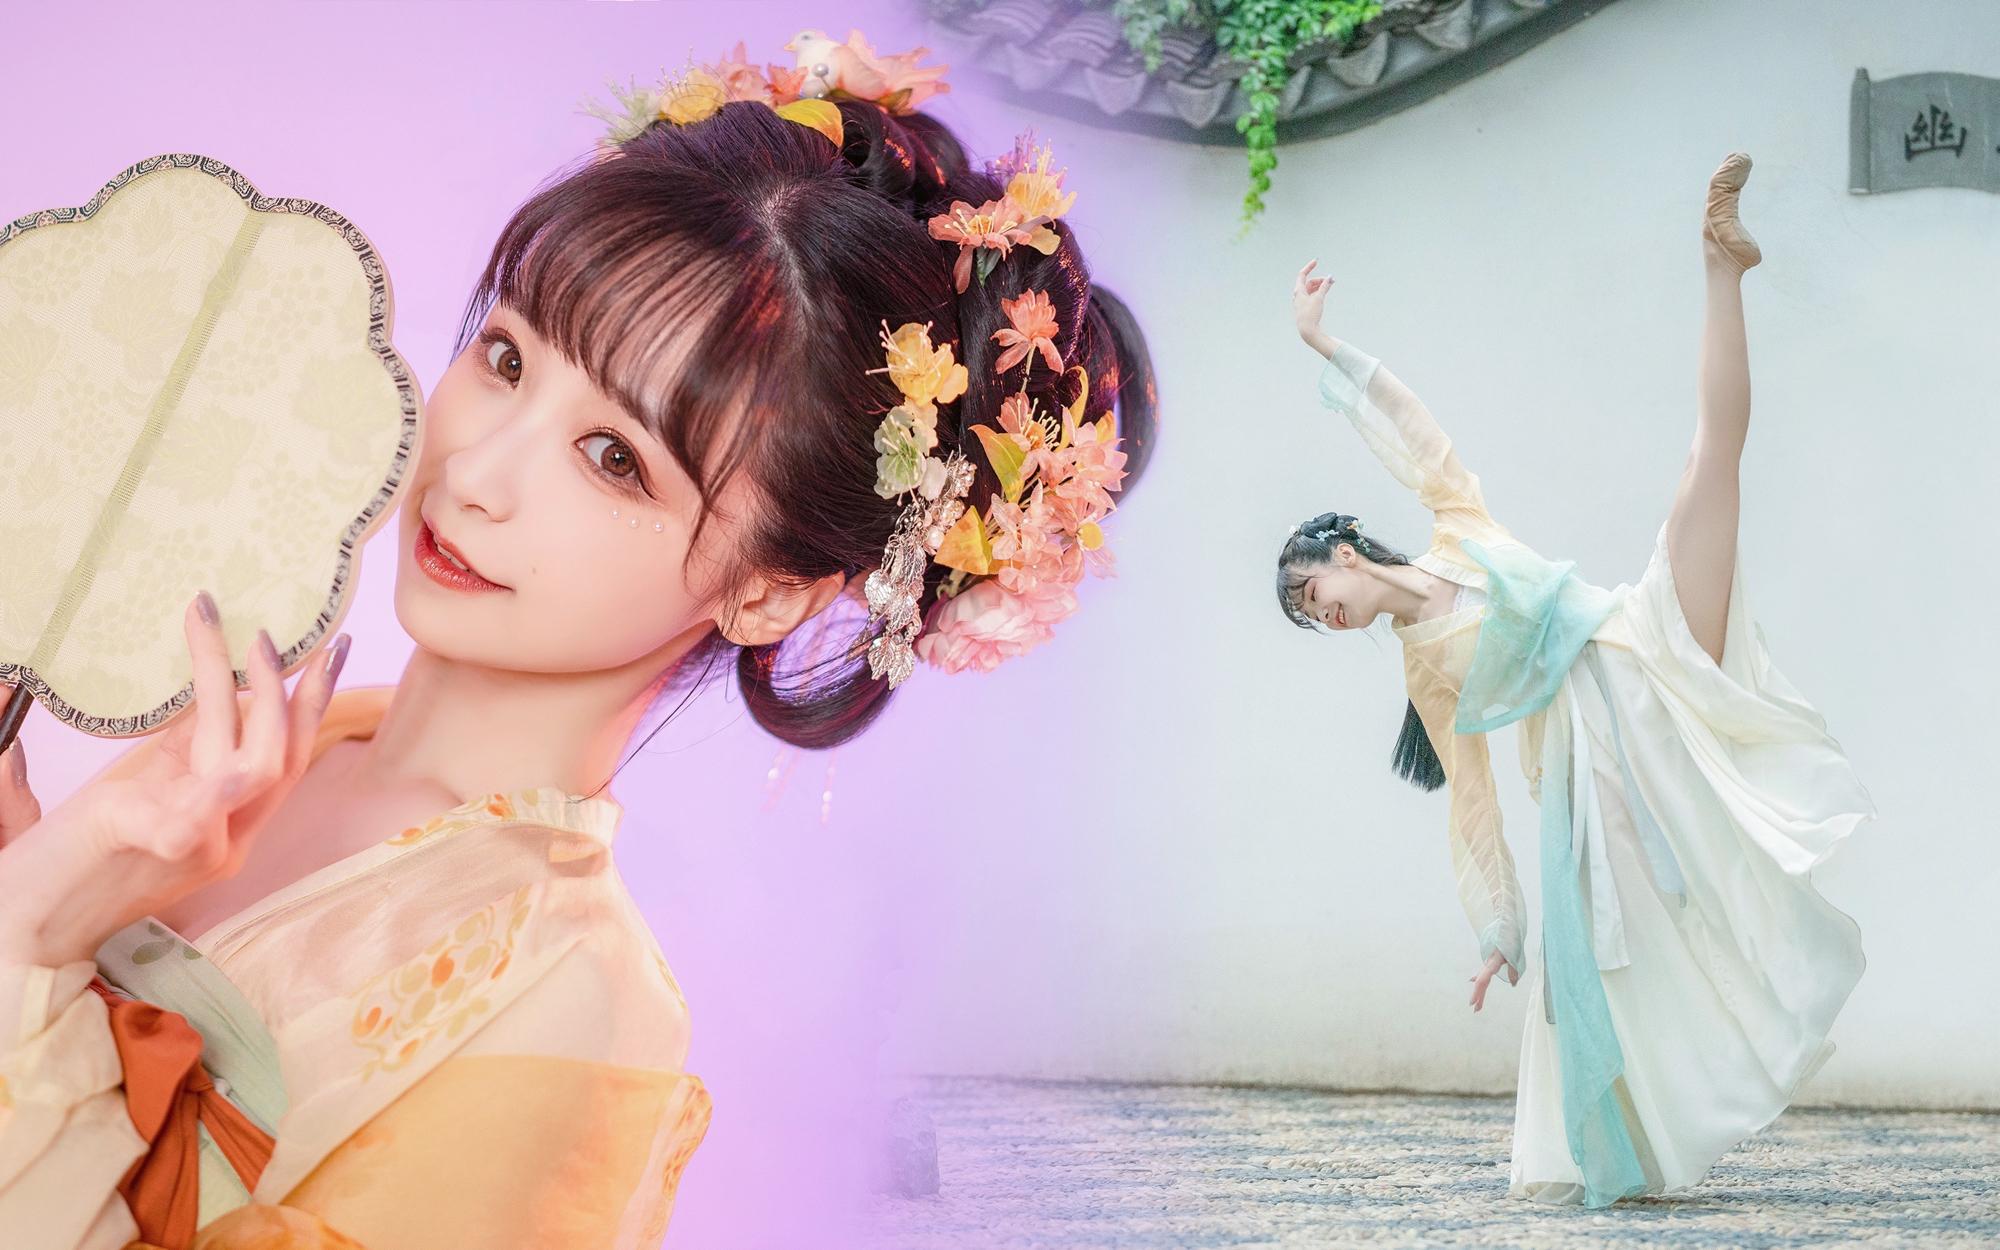 江 南 温 婉 妹 妹 ~ 就是这么柔美可人【红马 原创编舞】